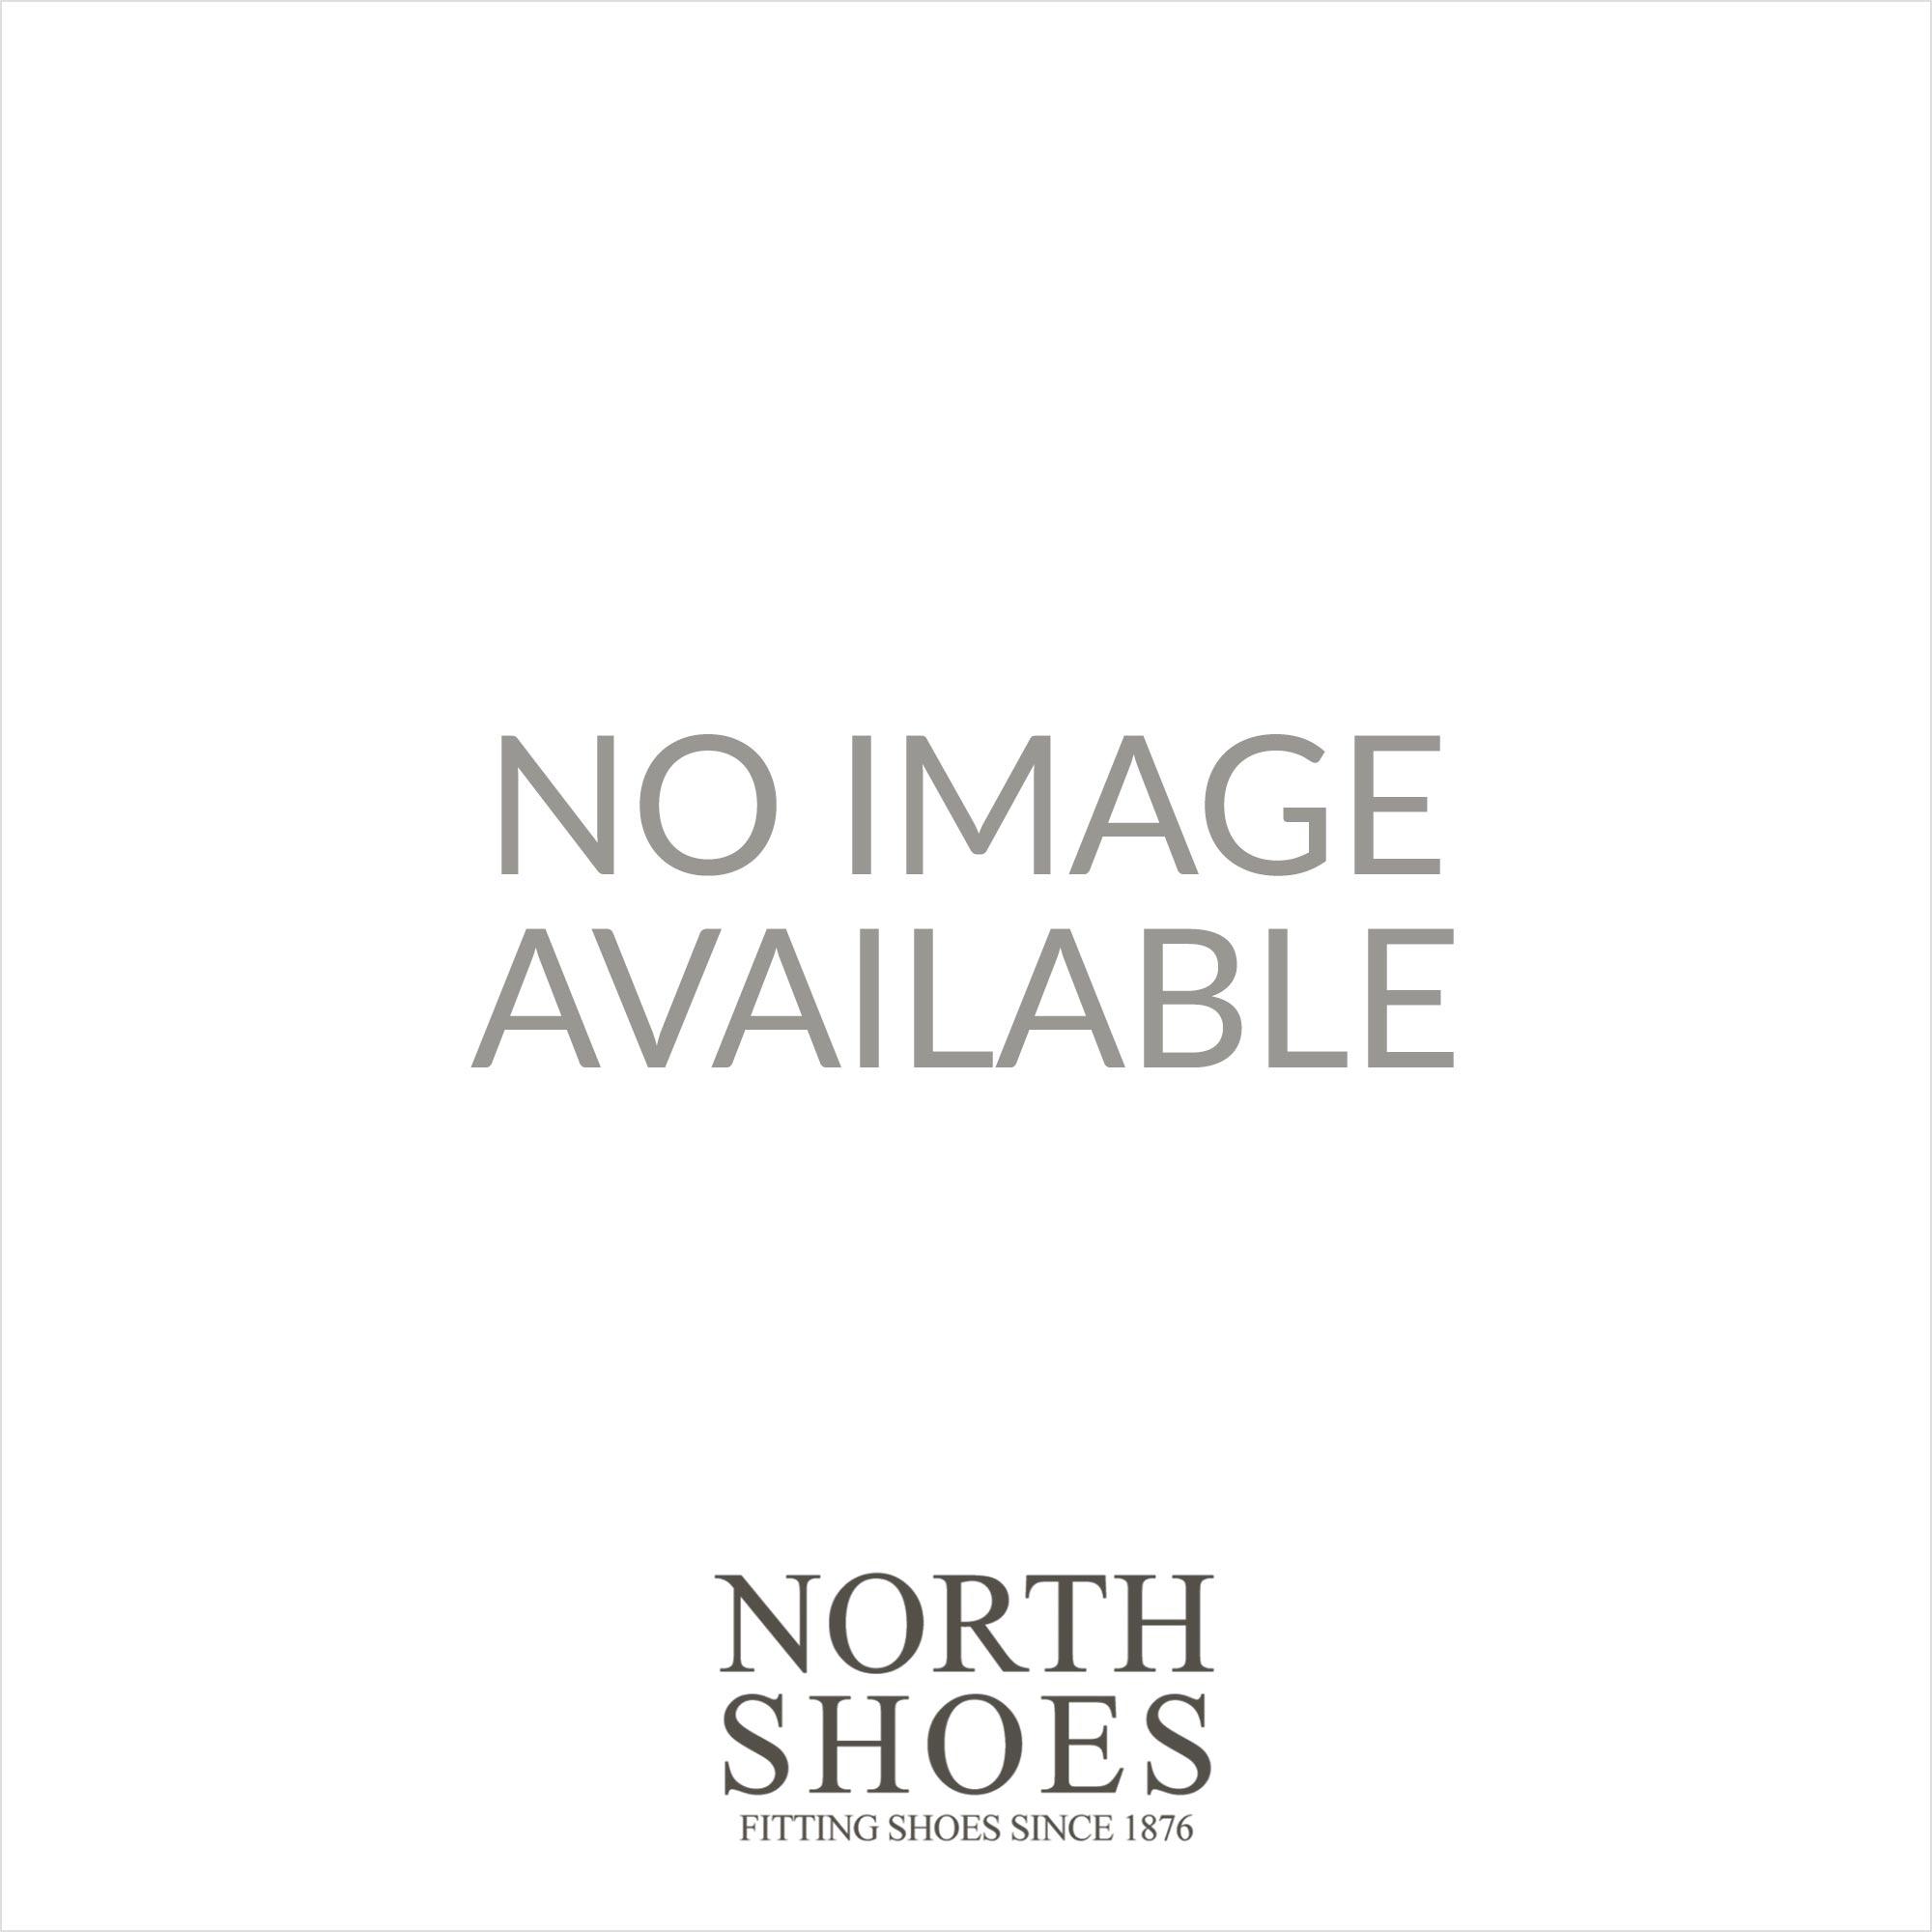 bdec7c759d0c Rieker X2470-00 Black Suede Leather Womens Mid Calf Boots - Rieker ...